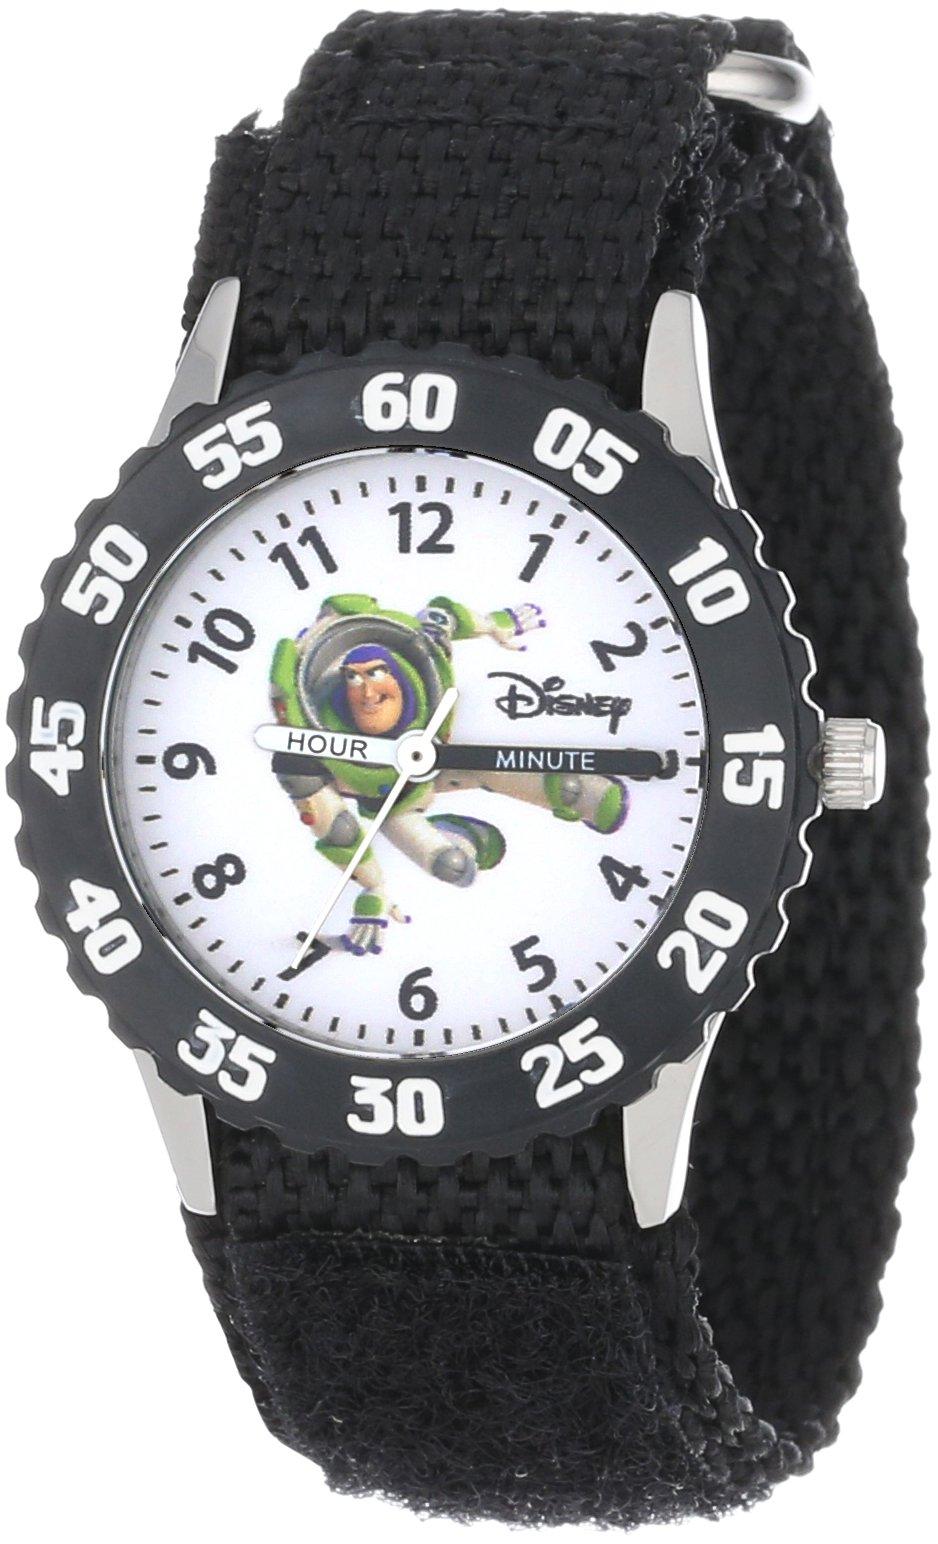 Disney Kids' W000060 Toy Story 3 ''Buzz Lightyear'' Stainless Steel Time Teacher Watch by Disney